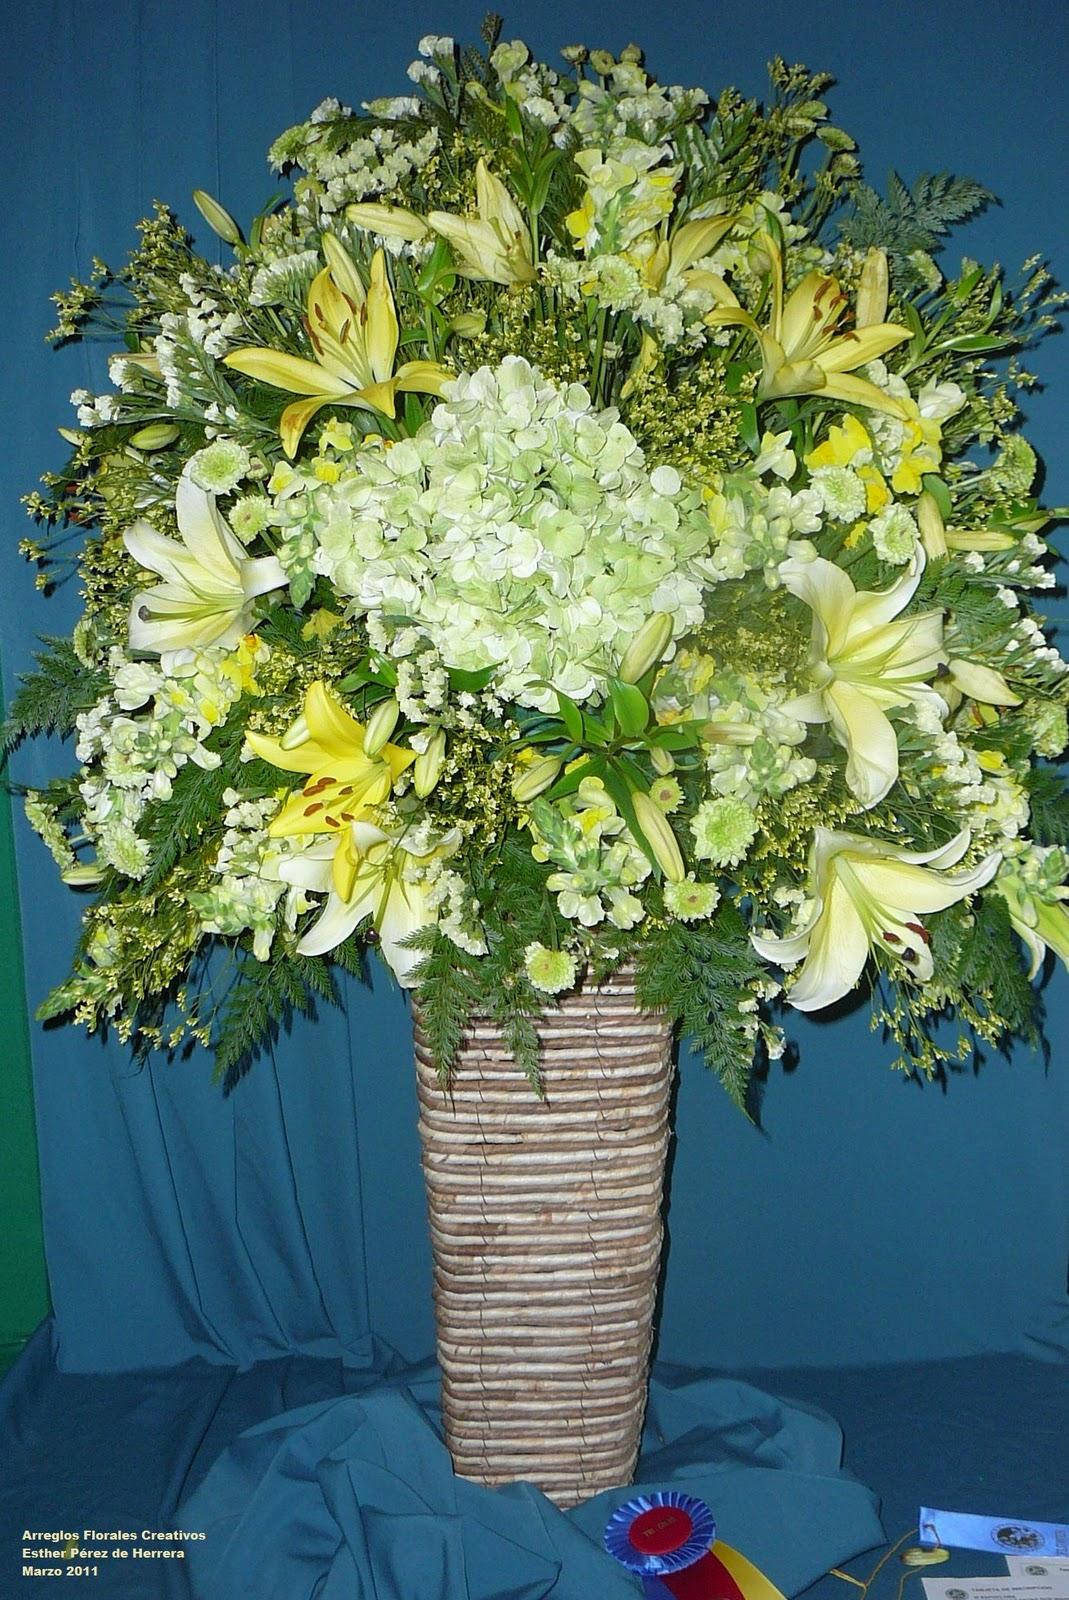 Arreglos florales creativos arreglos tradicionales - Arreglos florales creativos ...